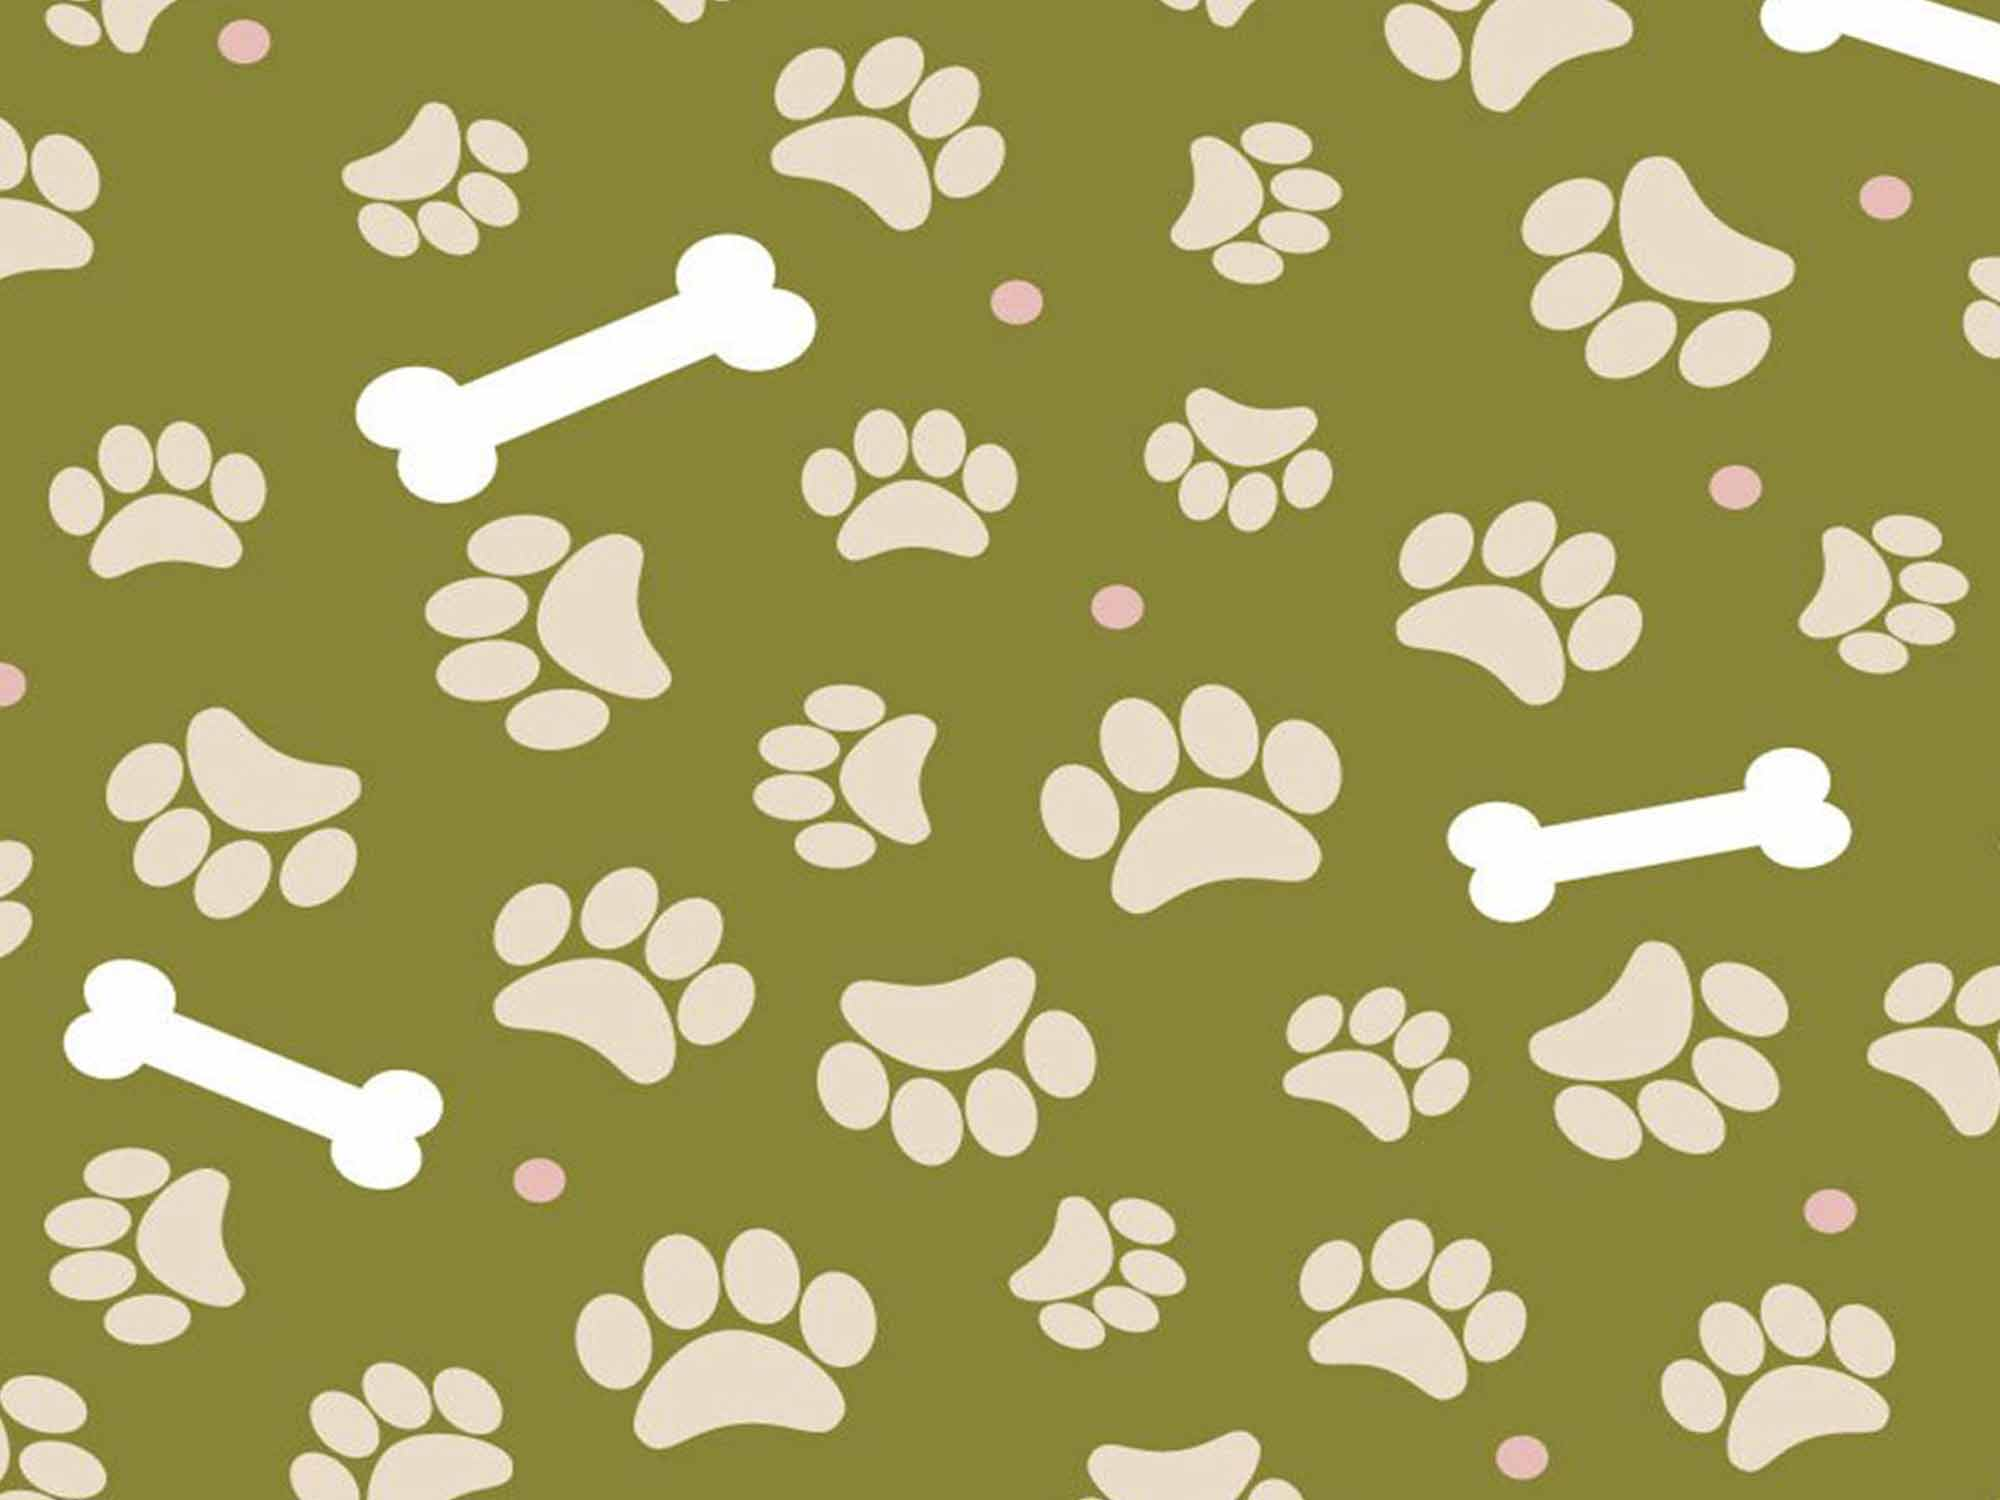 Papel de Parede para Quarto Animais 0011 - Adesivos de Parede  - Paredes Decoradas